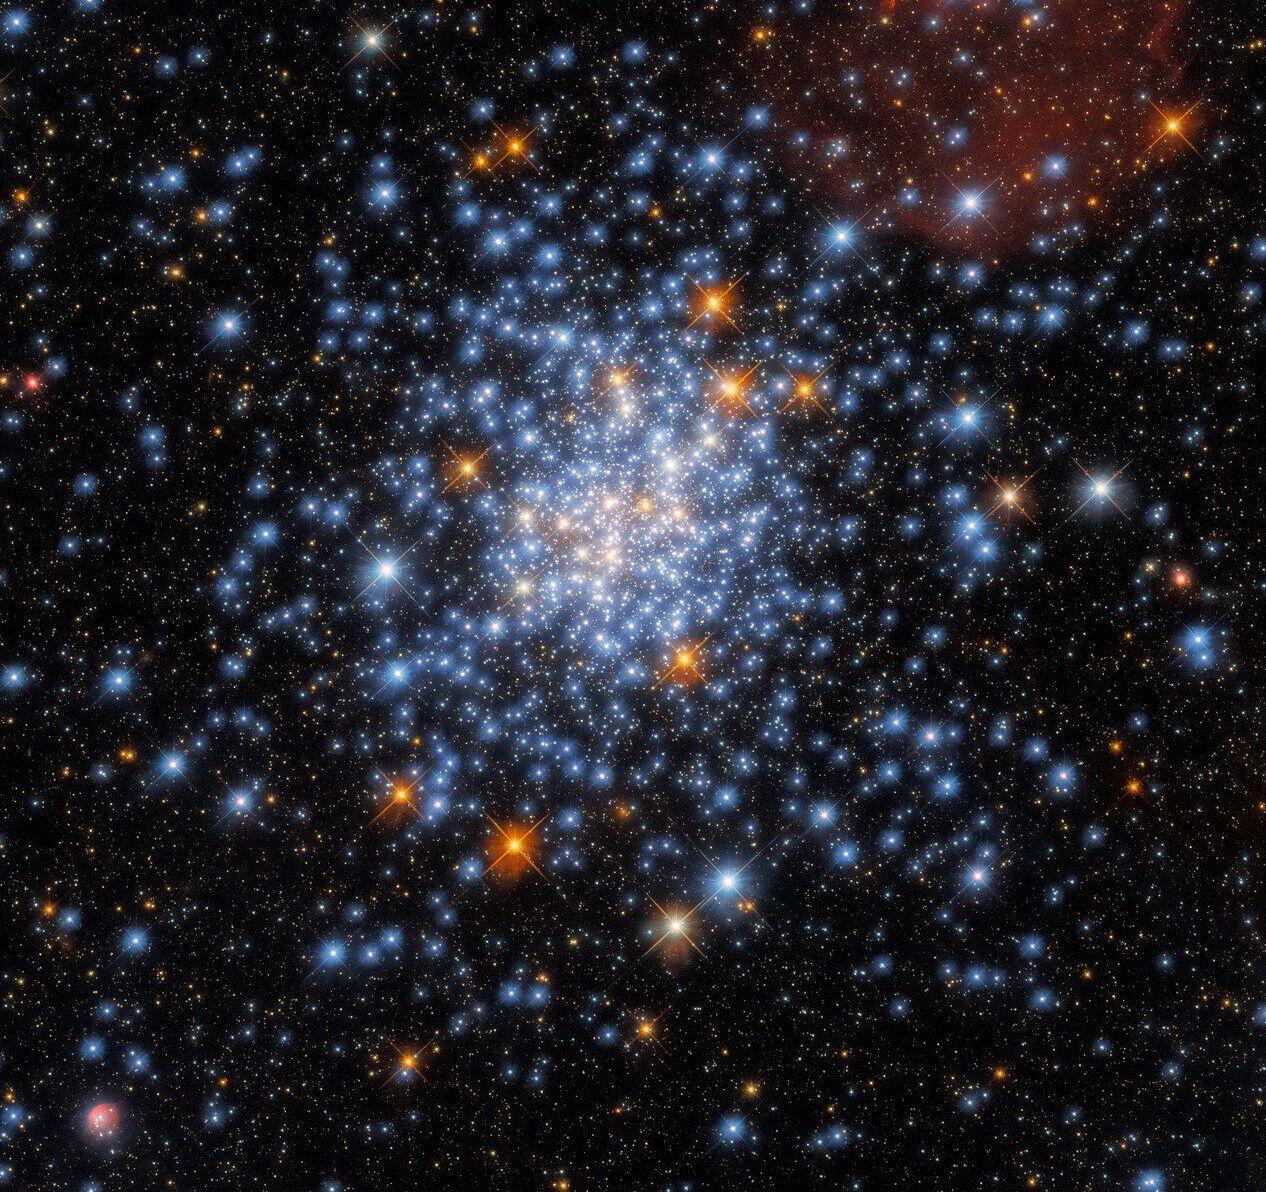 Aglomerado estelar NGC 330, localizado a aproximadamente 180.000 anos-luz